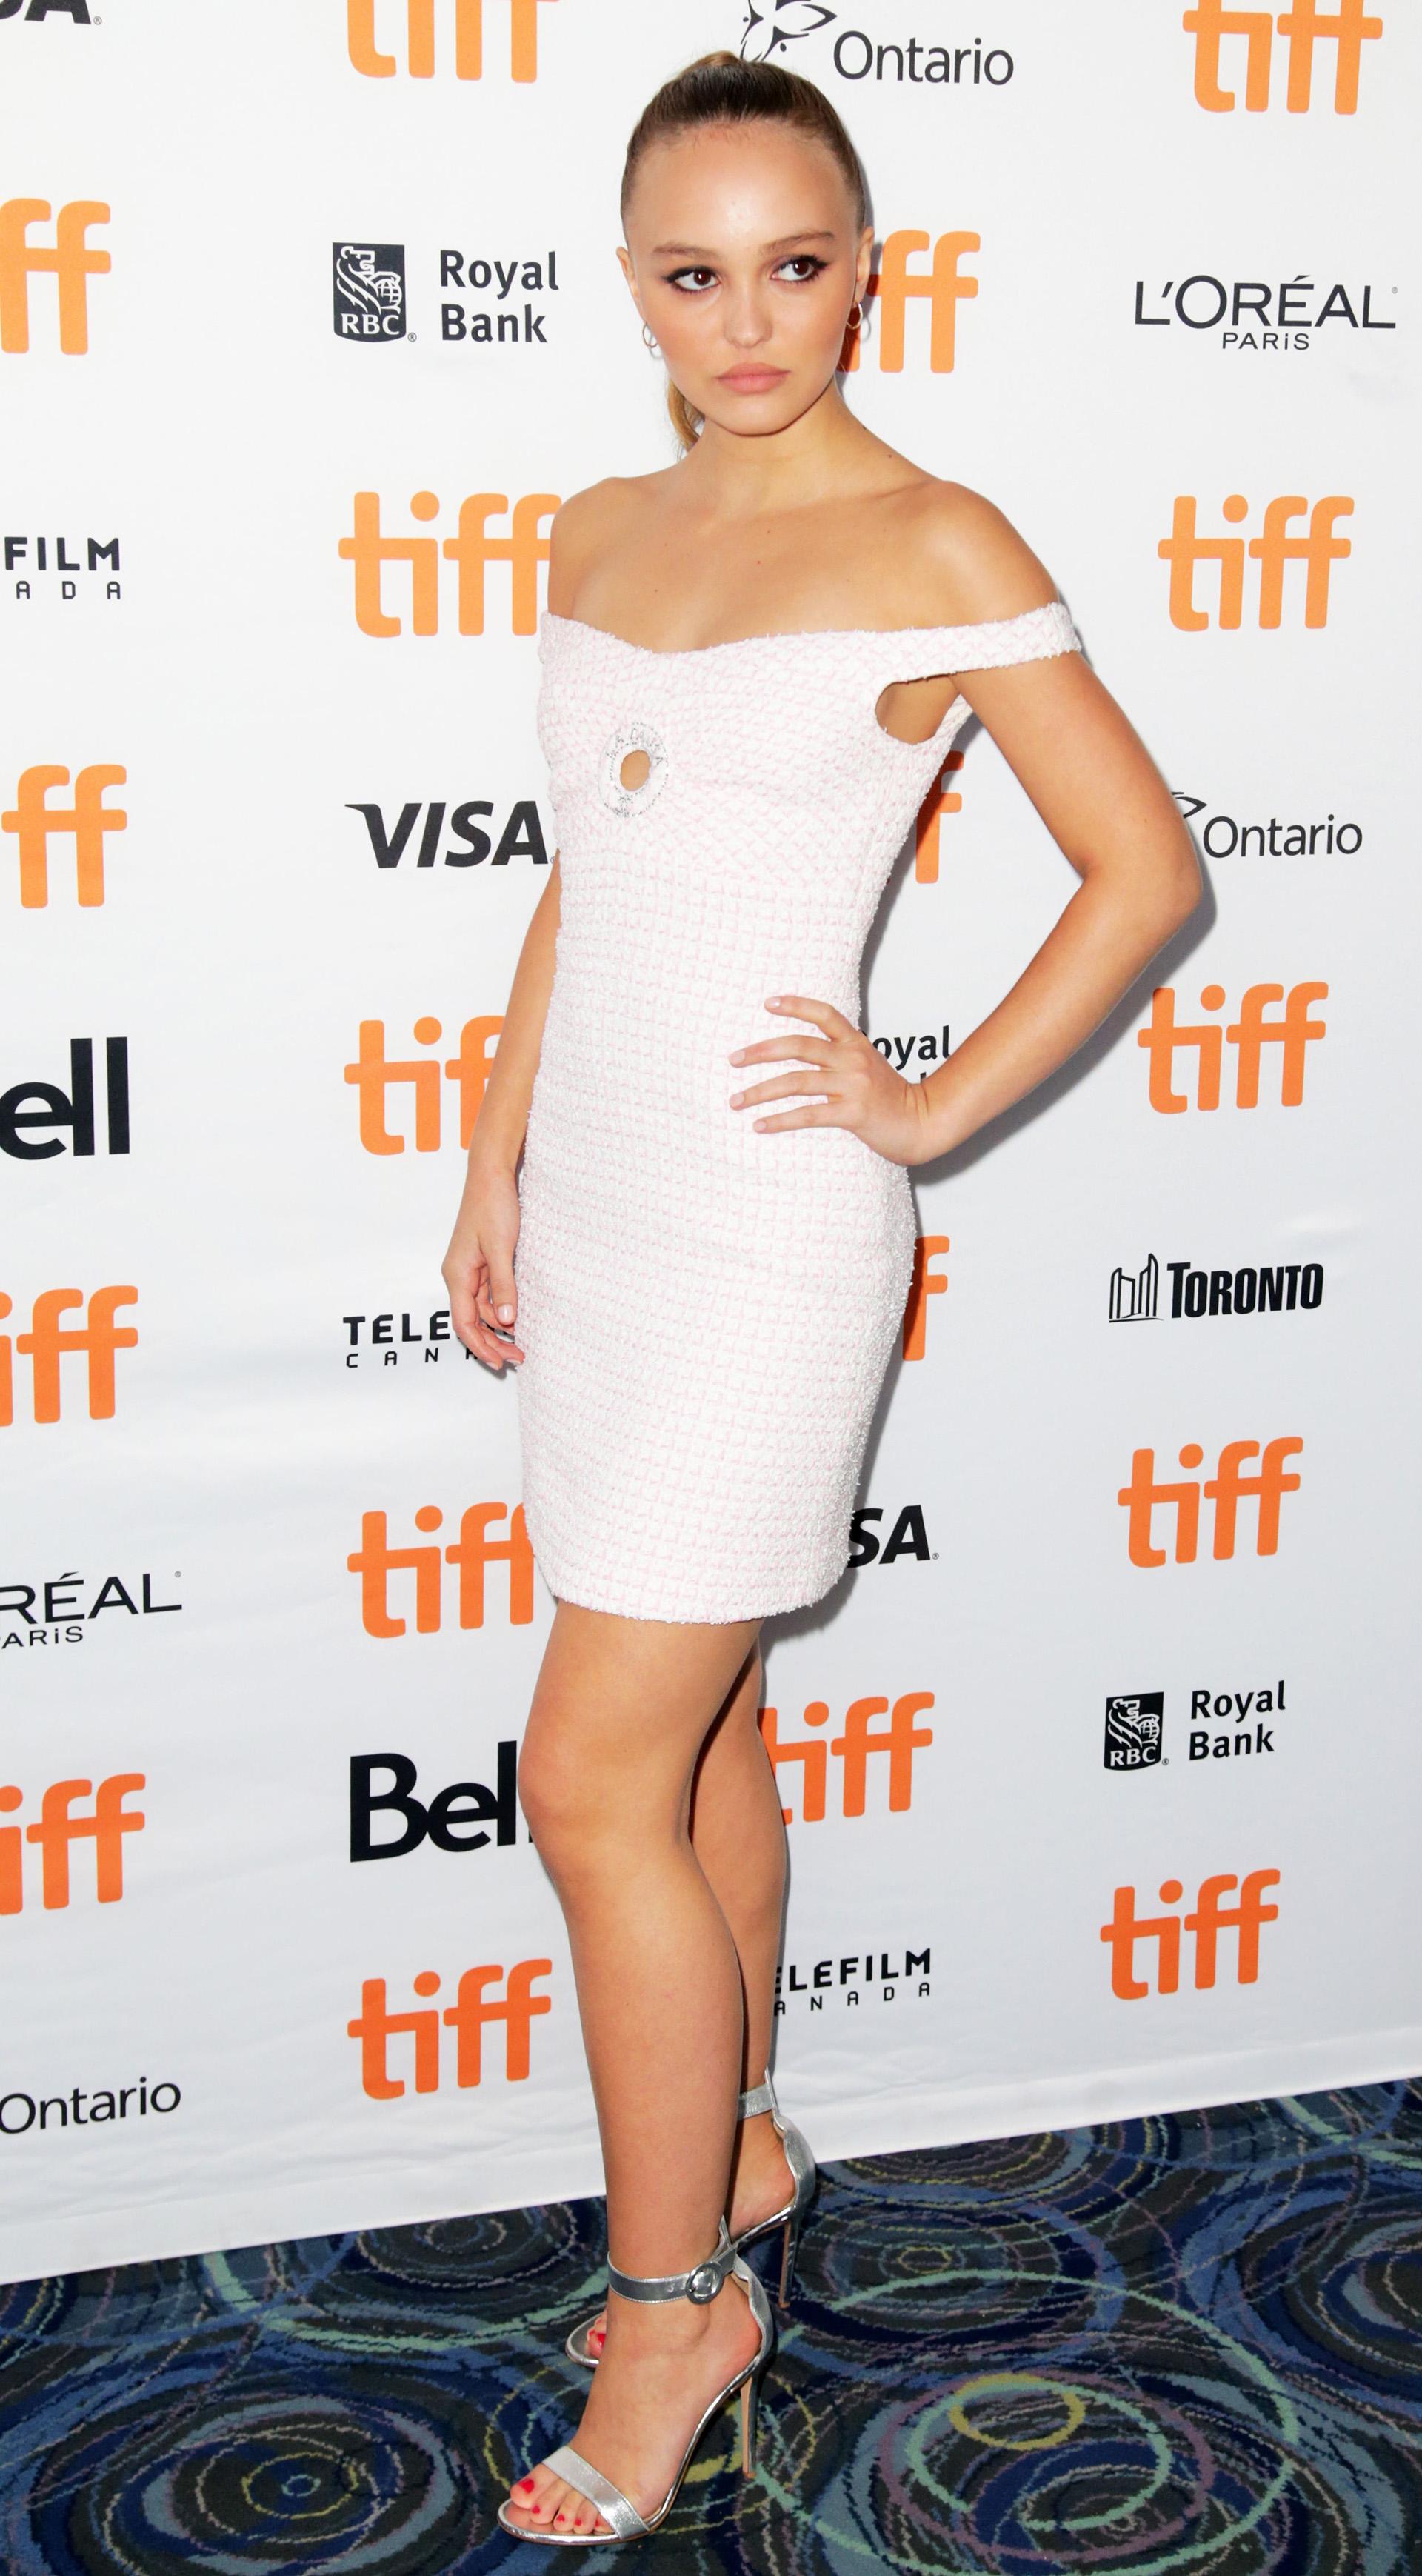 Lily-Rose Depp lució su estilizada figura con este vestido blanco con los hombros al descubierto /// Fotos: Reuters